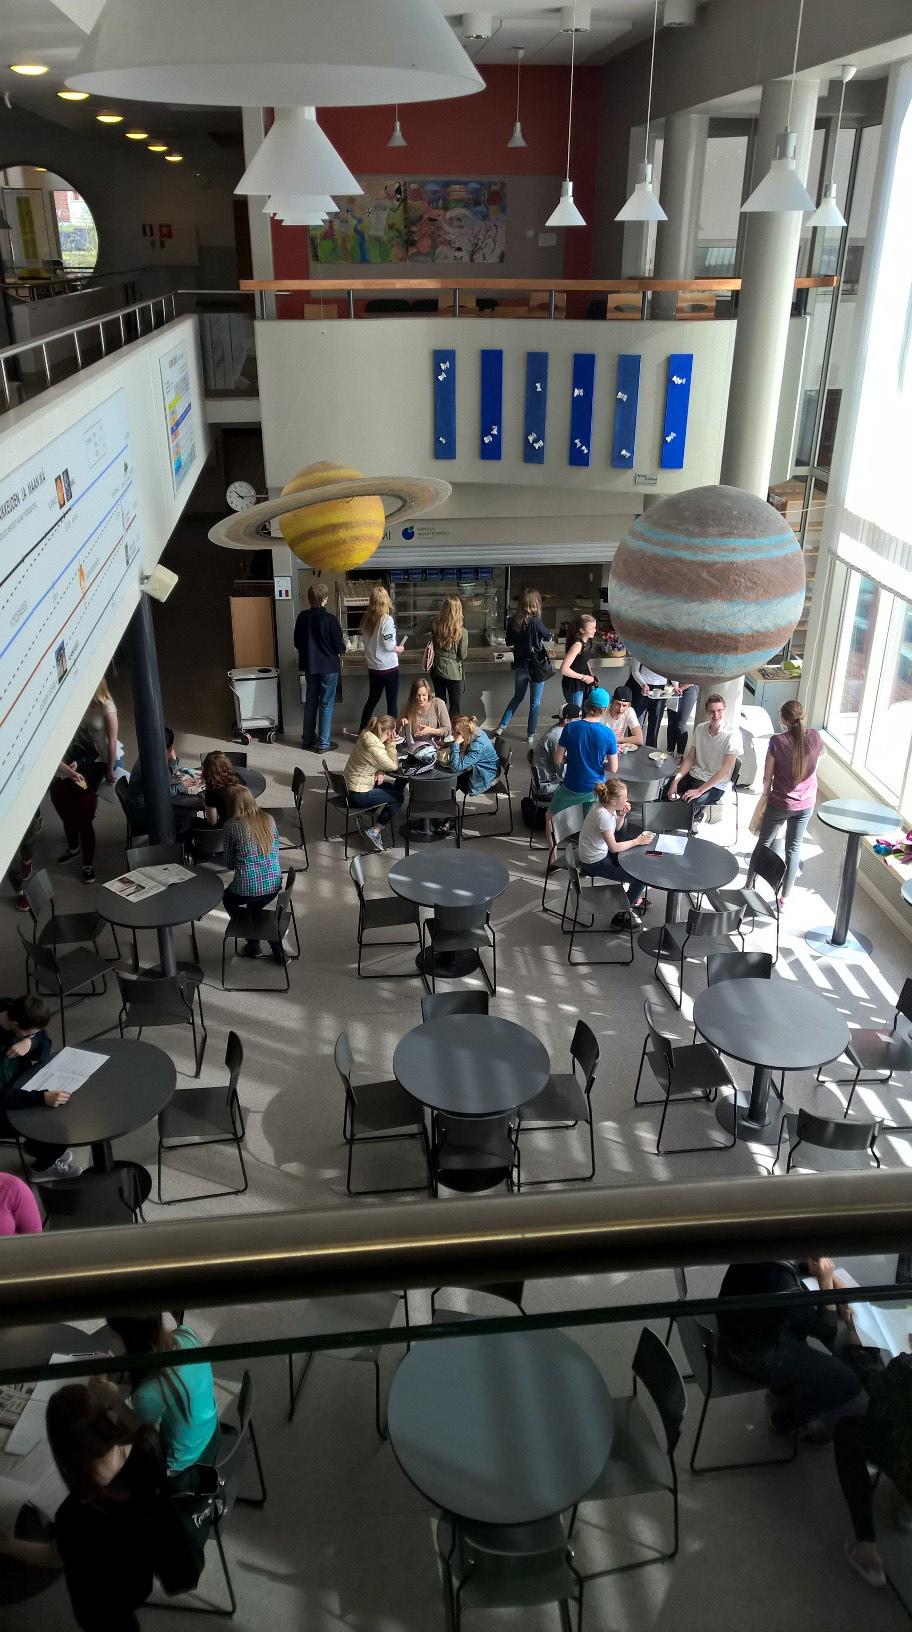 Kuusamon lukion aula on avara ja valoisa. Oppilaat opiskelevat ja nauttivat kevätauringon valosta kahvilassa.